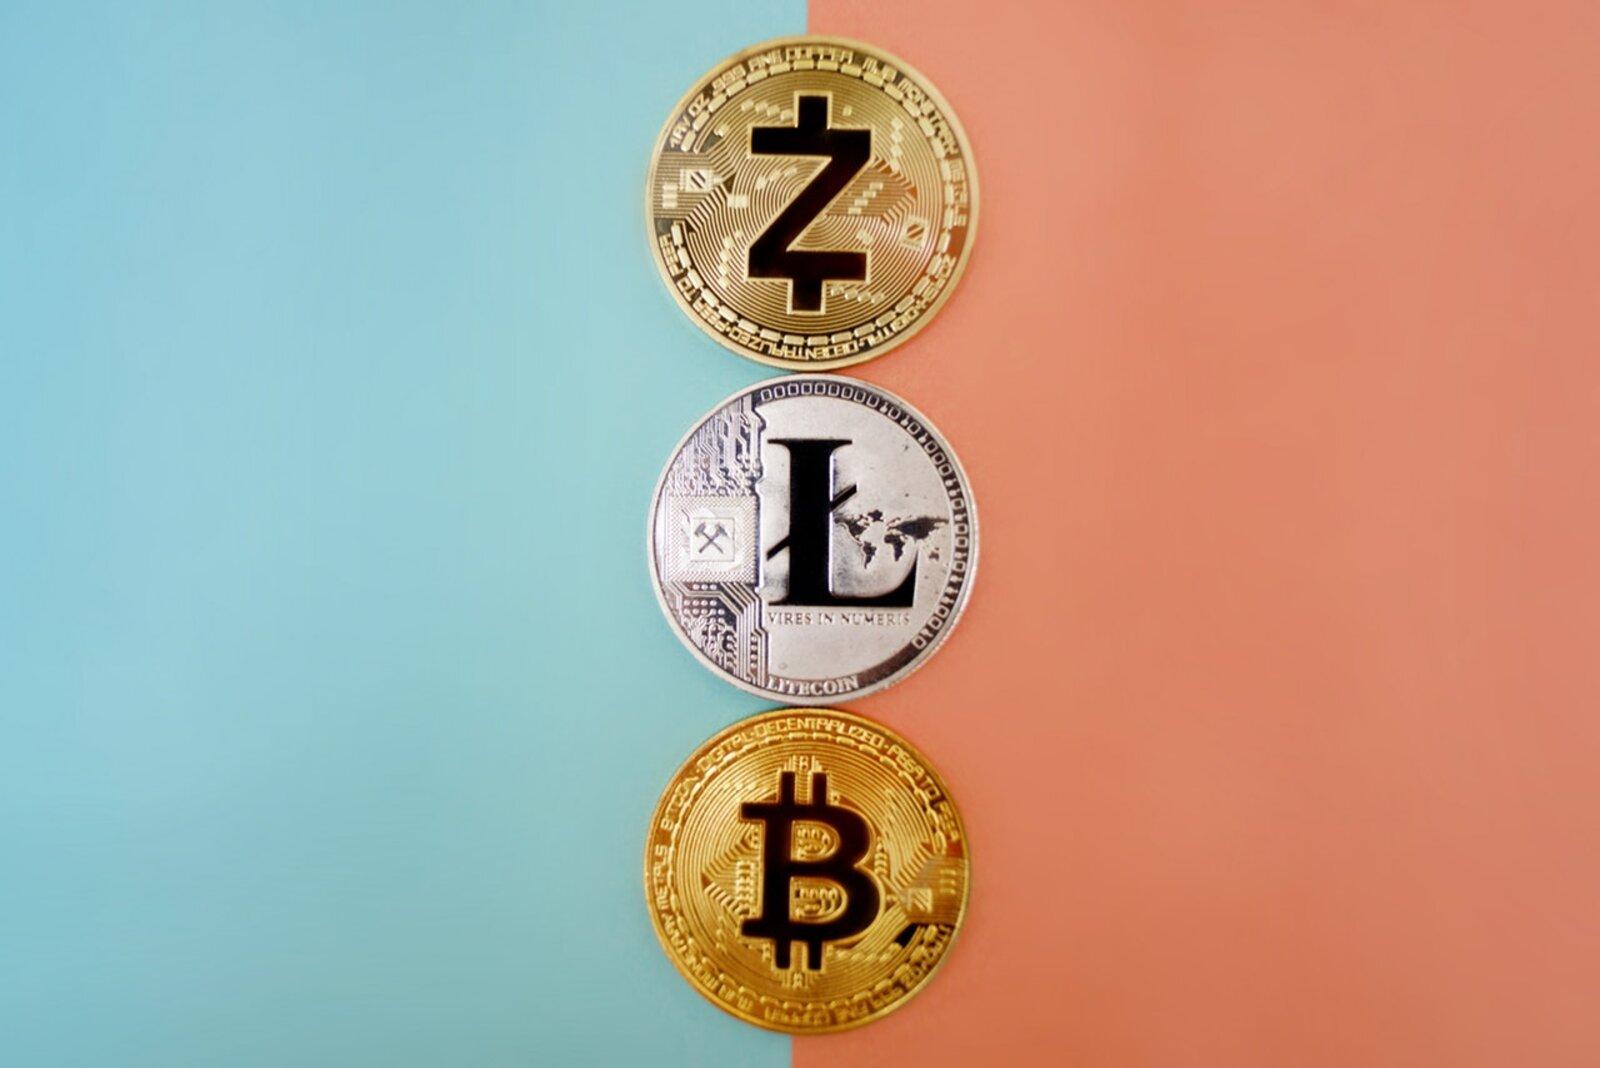 wie man geld online kryptowährung verdient sbroker cfds online-broker erfahrungen und details